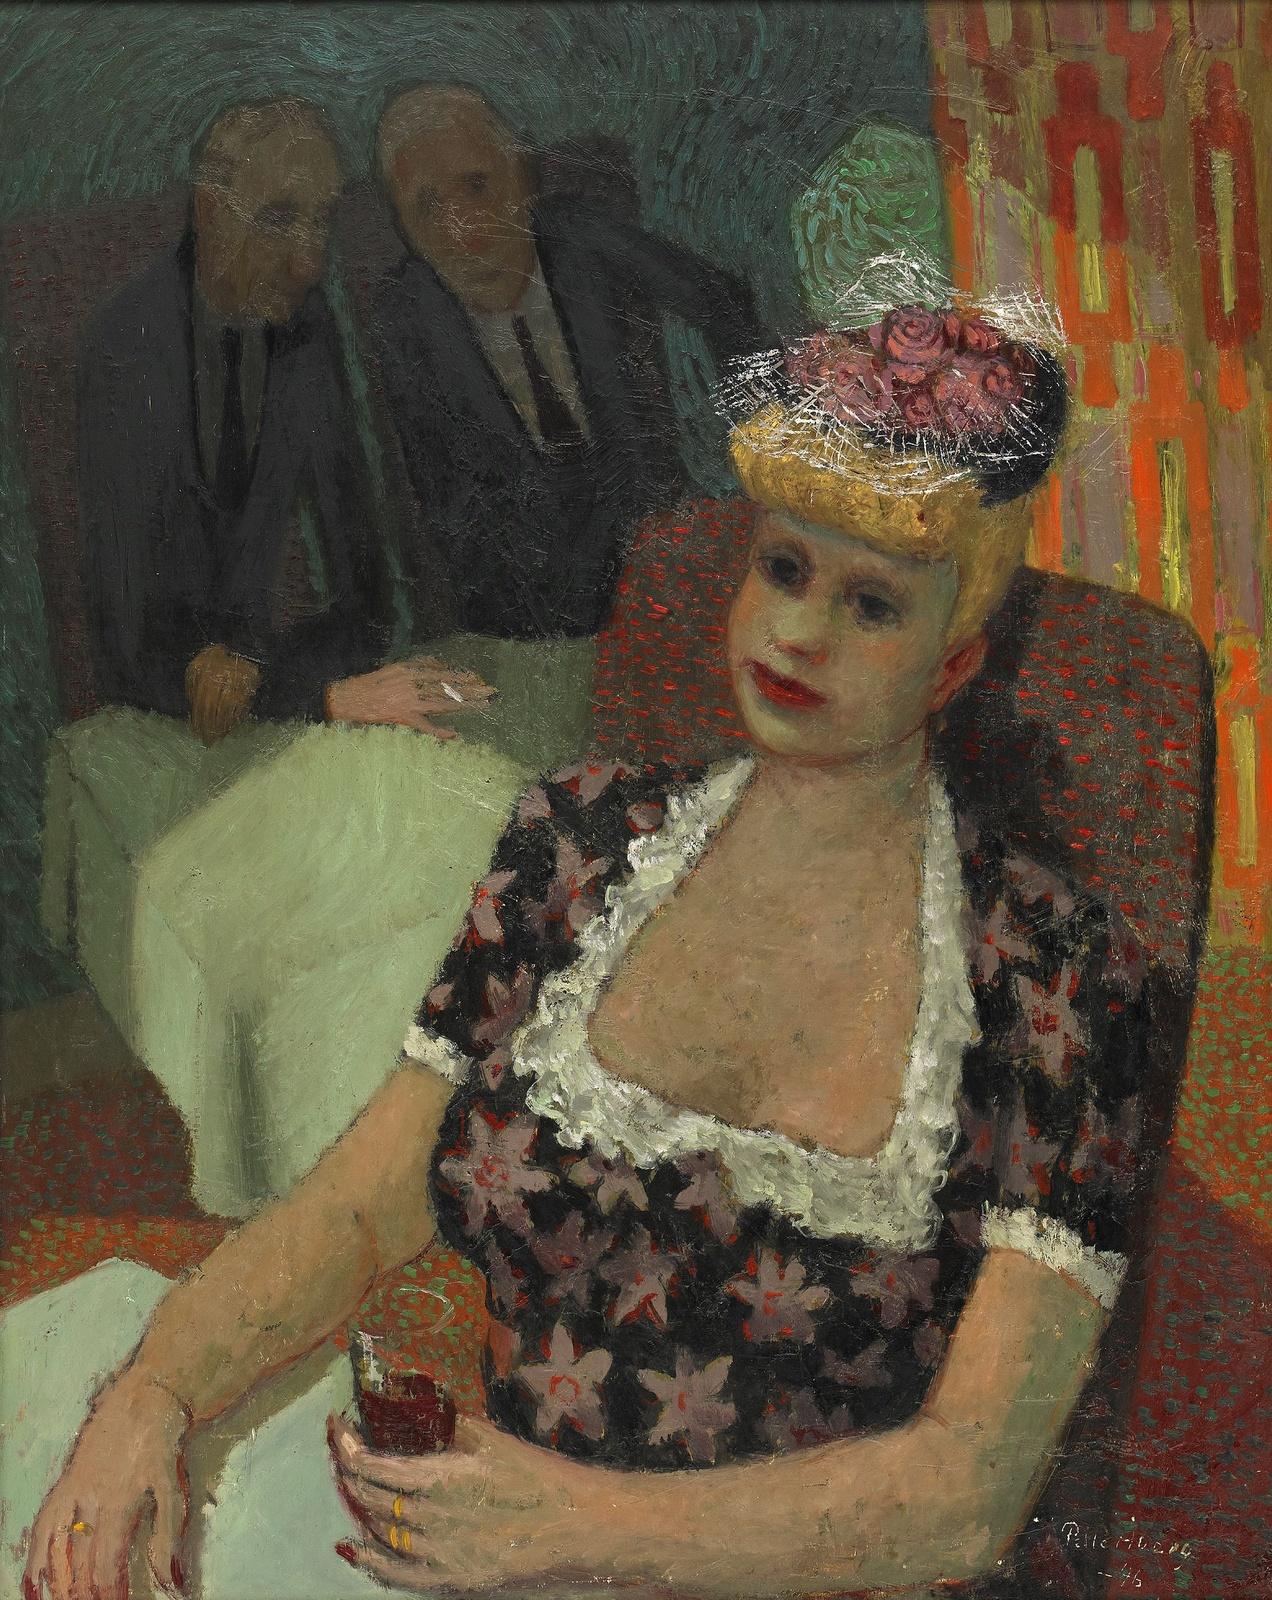 1946_Дама в шляпе в ресторане (Lady in a hat in a restaurant)_80.5 x 65_д.,м._Частное собрание.jpg